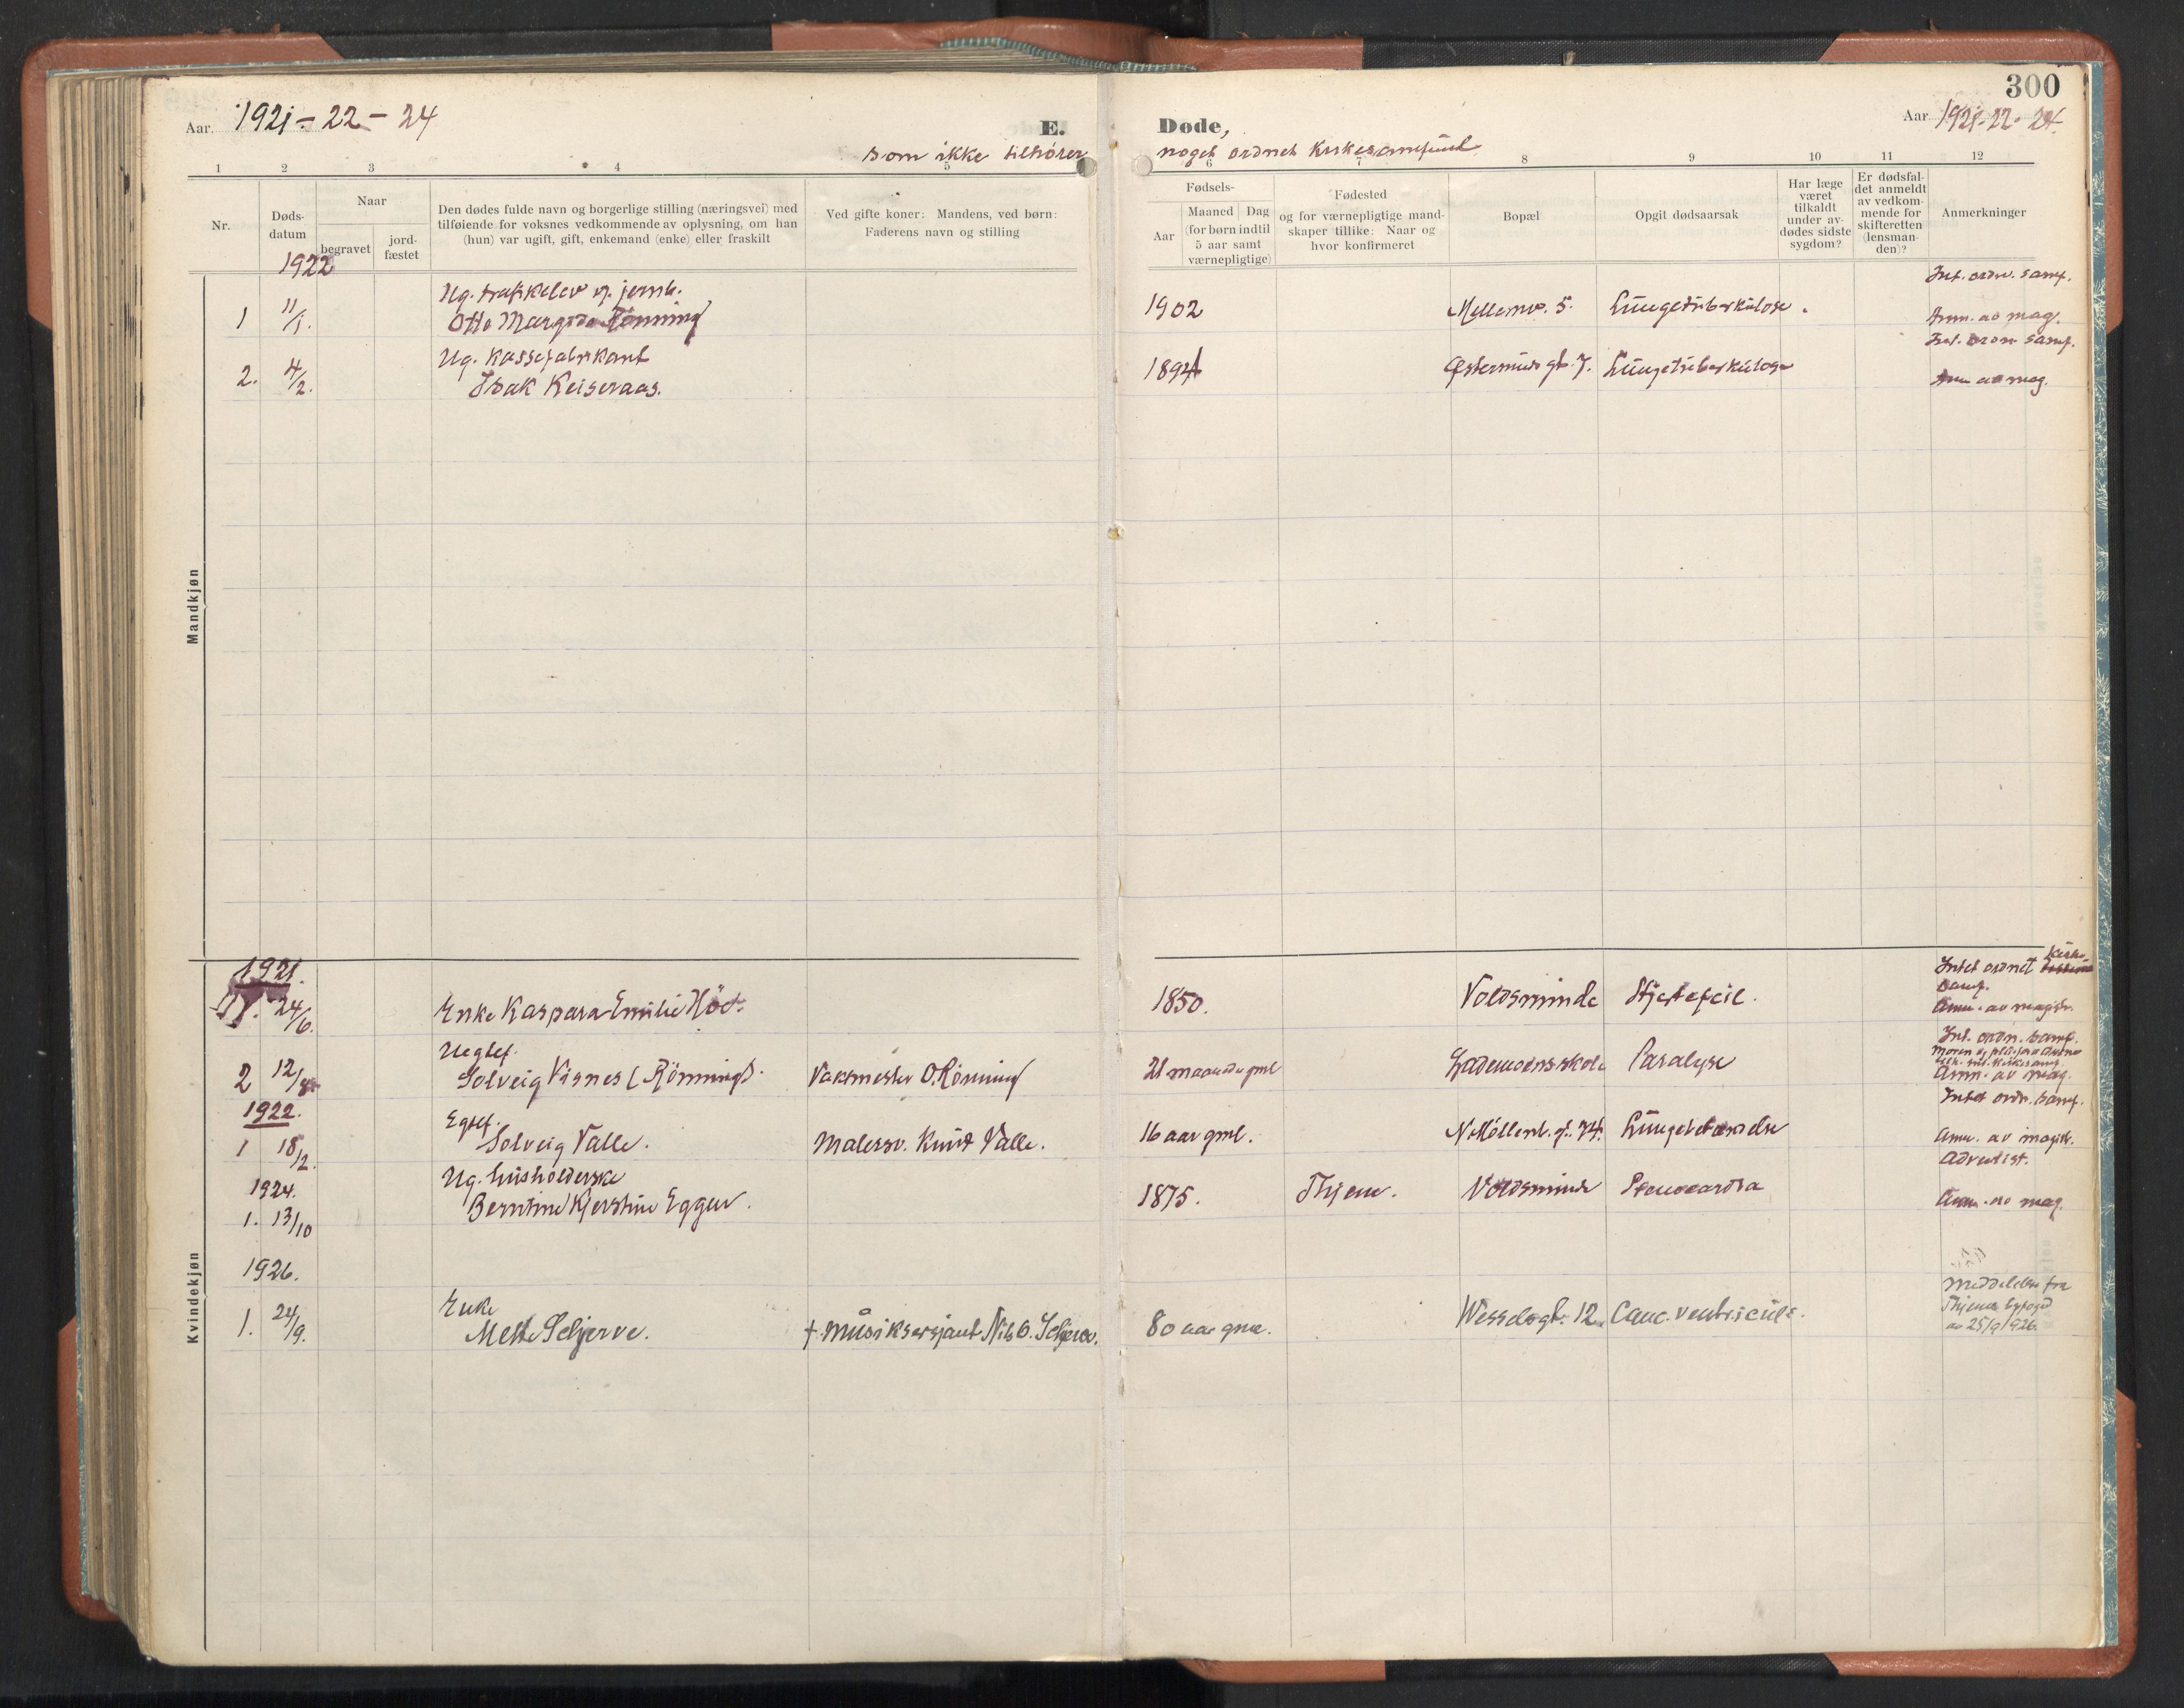 SAT, Ministerialprotokoller, klokkerbøker og fødselsregistre - Sør-Trøndelag, 605/L0245: Ministerialbok nr. 605A07, 1916-1938, s. 300